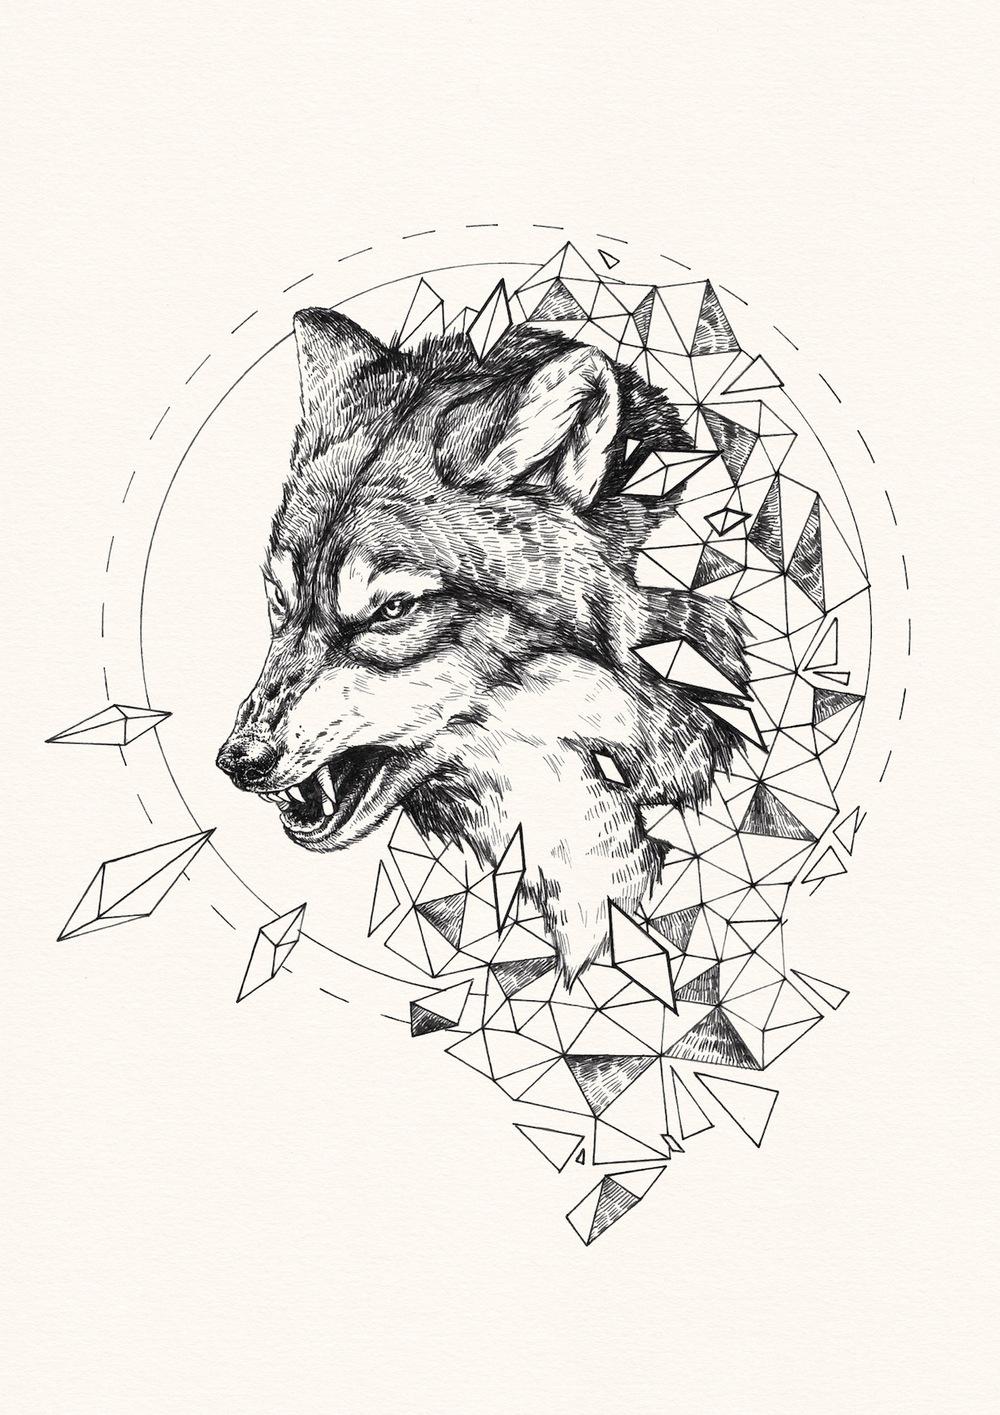 wolf shard  u2014 peter carrington illustration